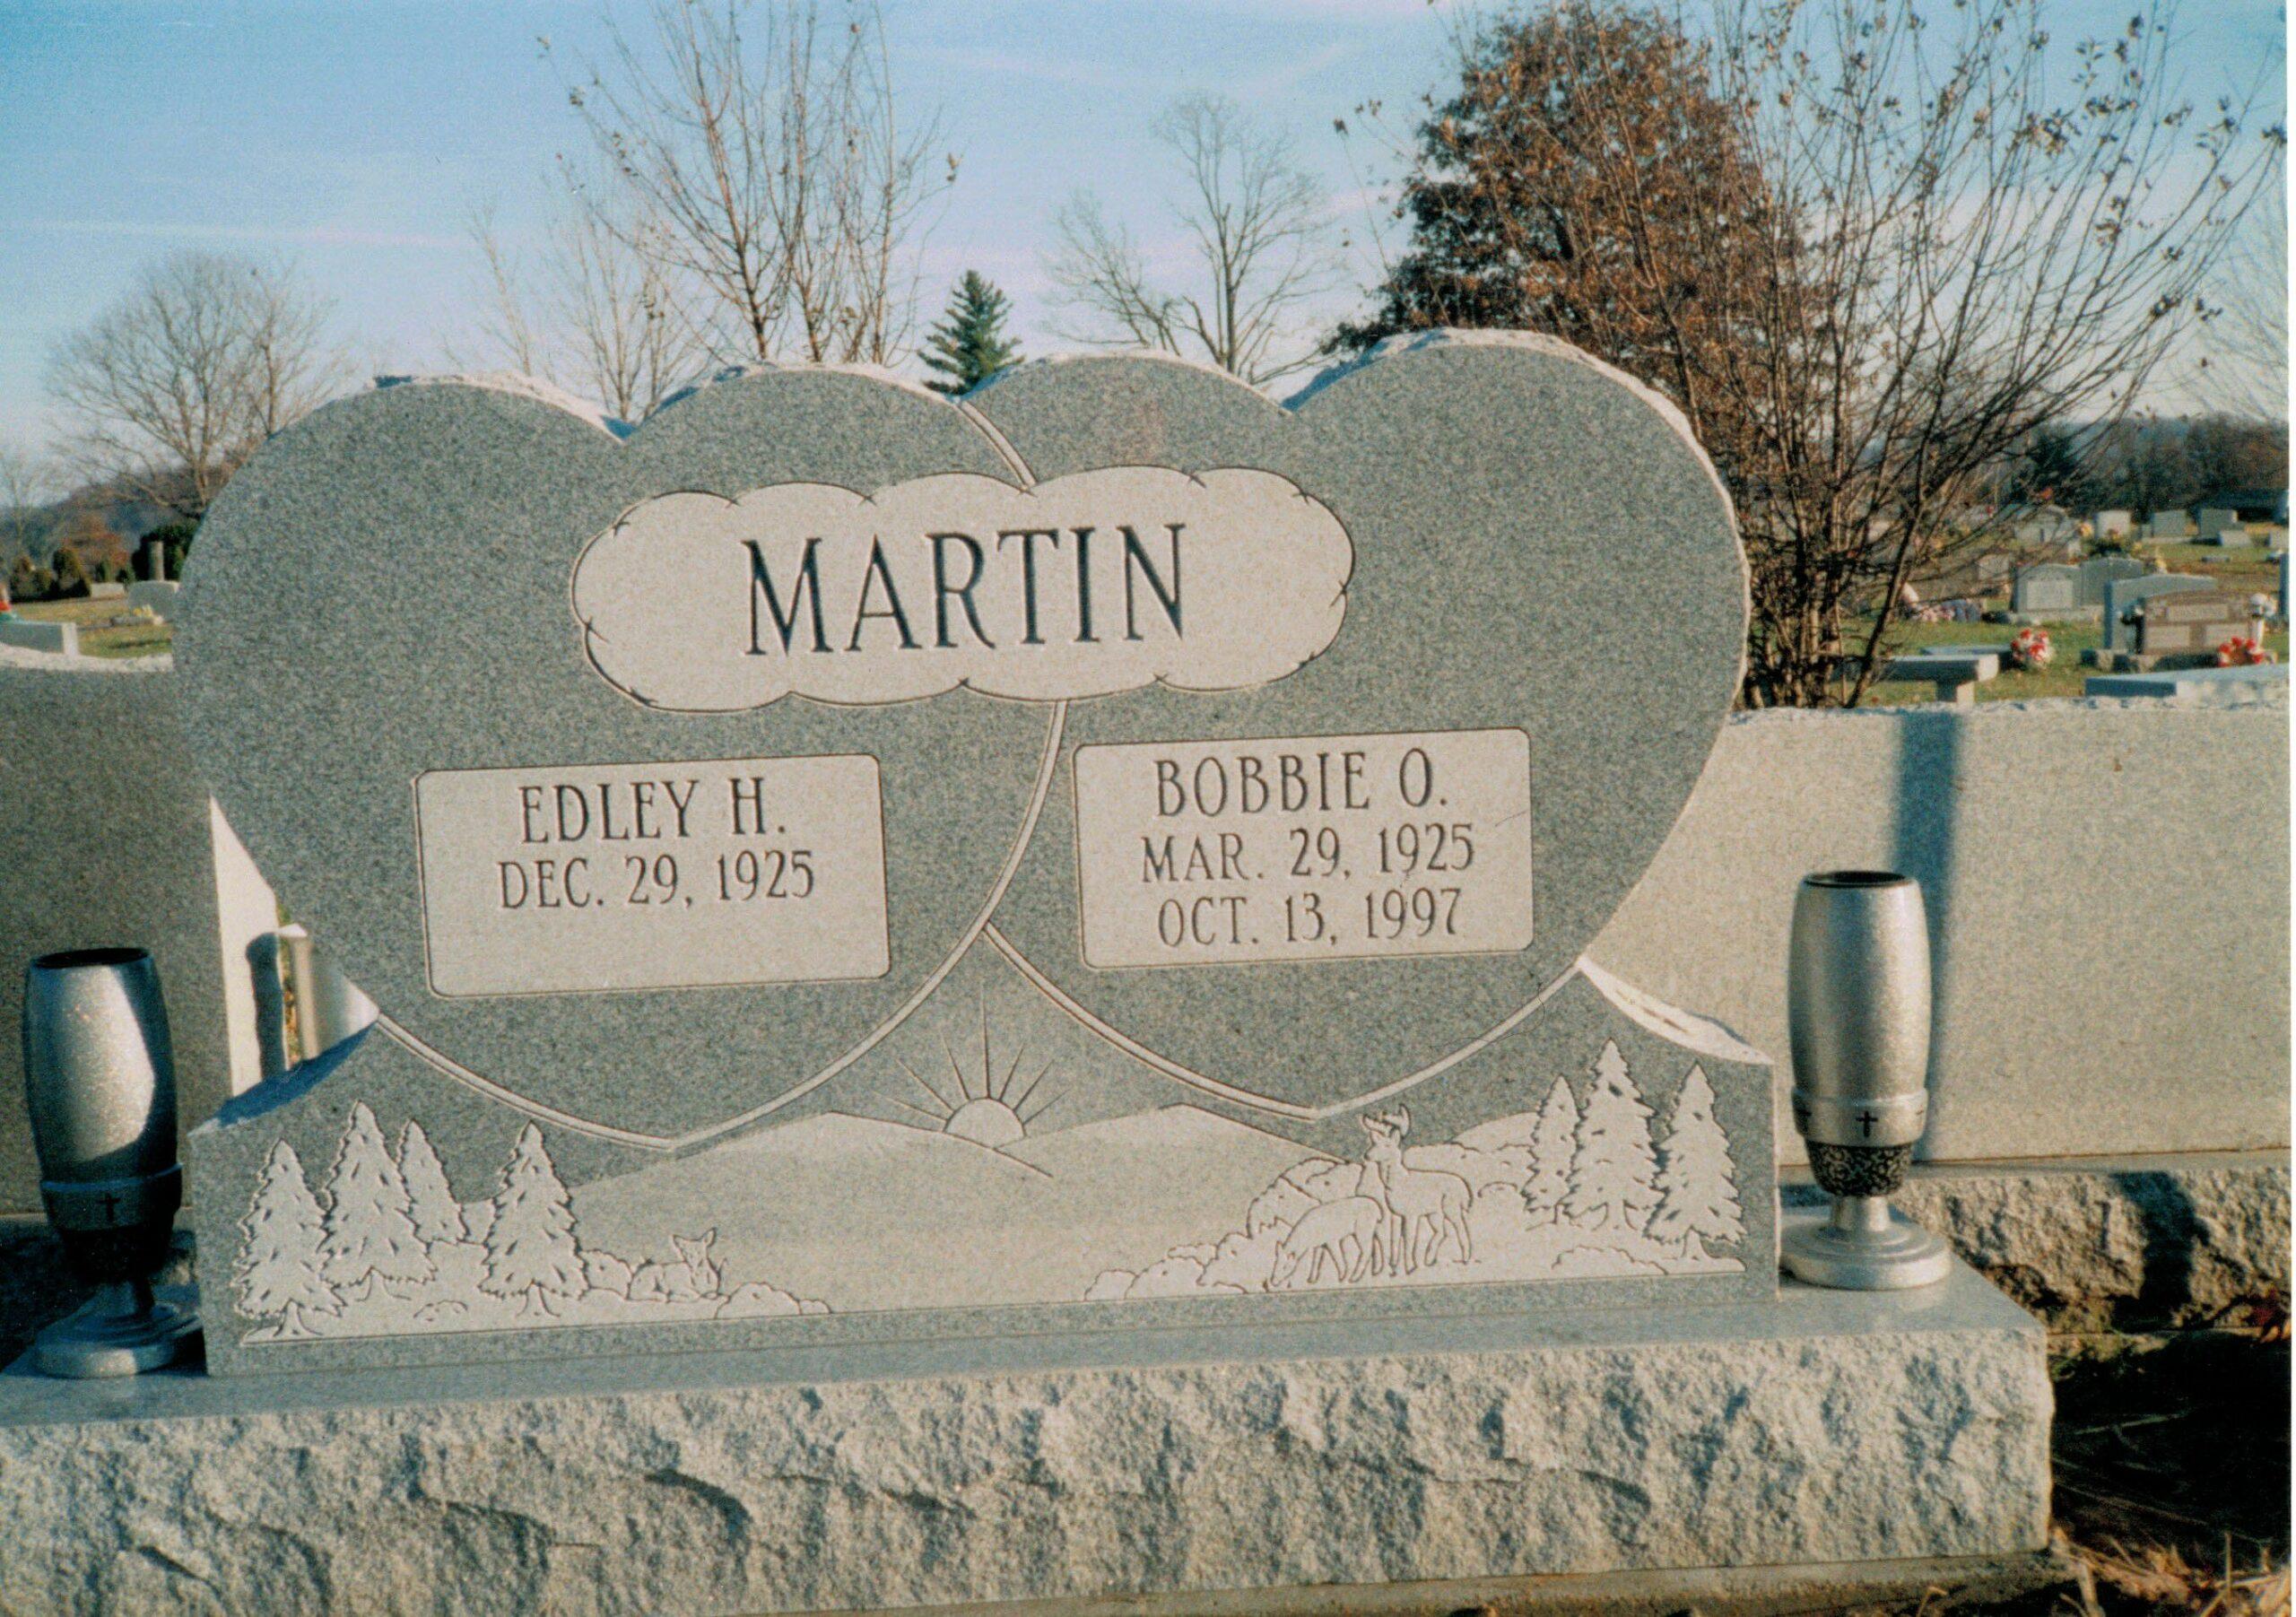 Martin, Edley and Bobbie